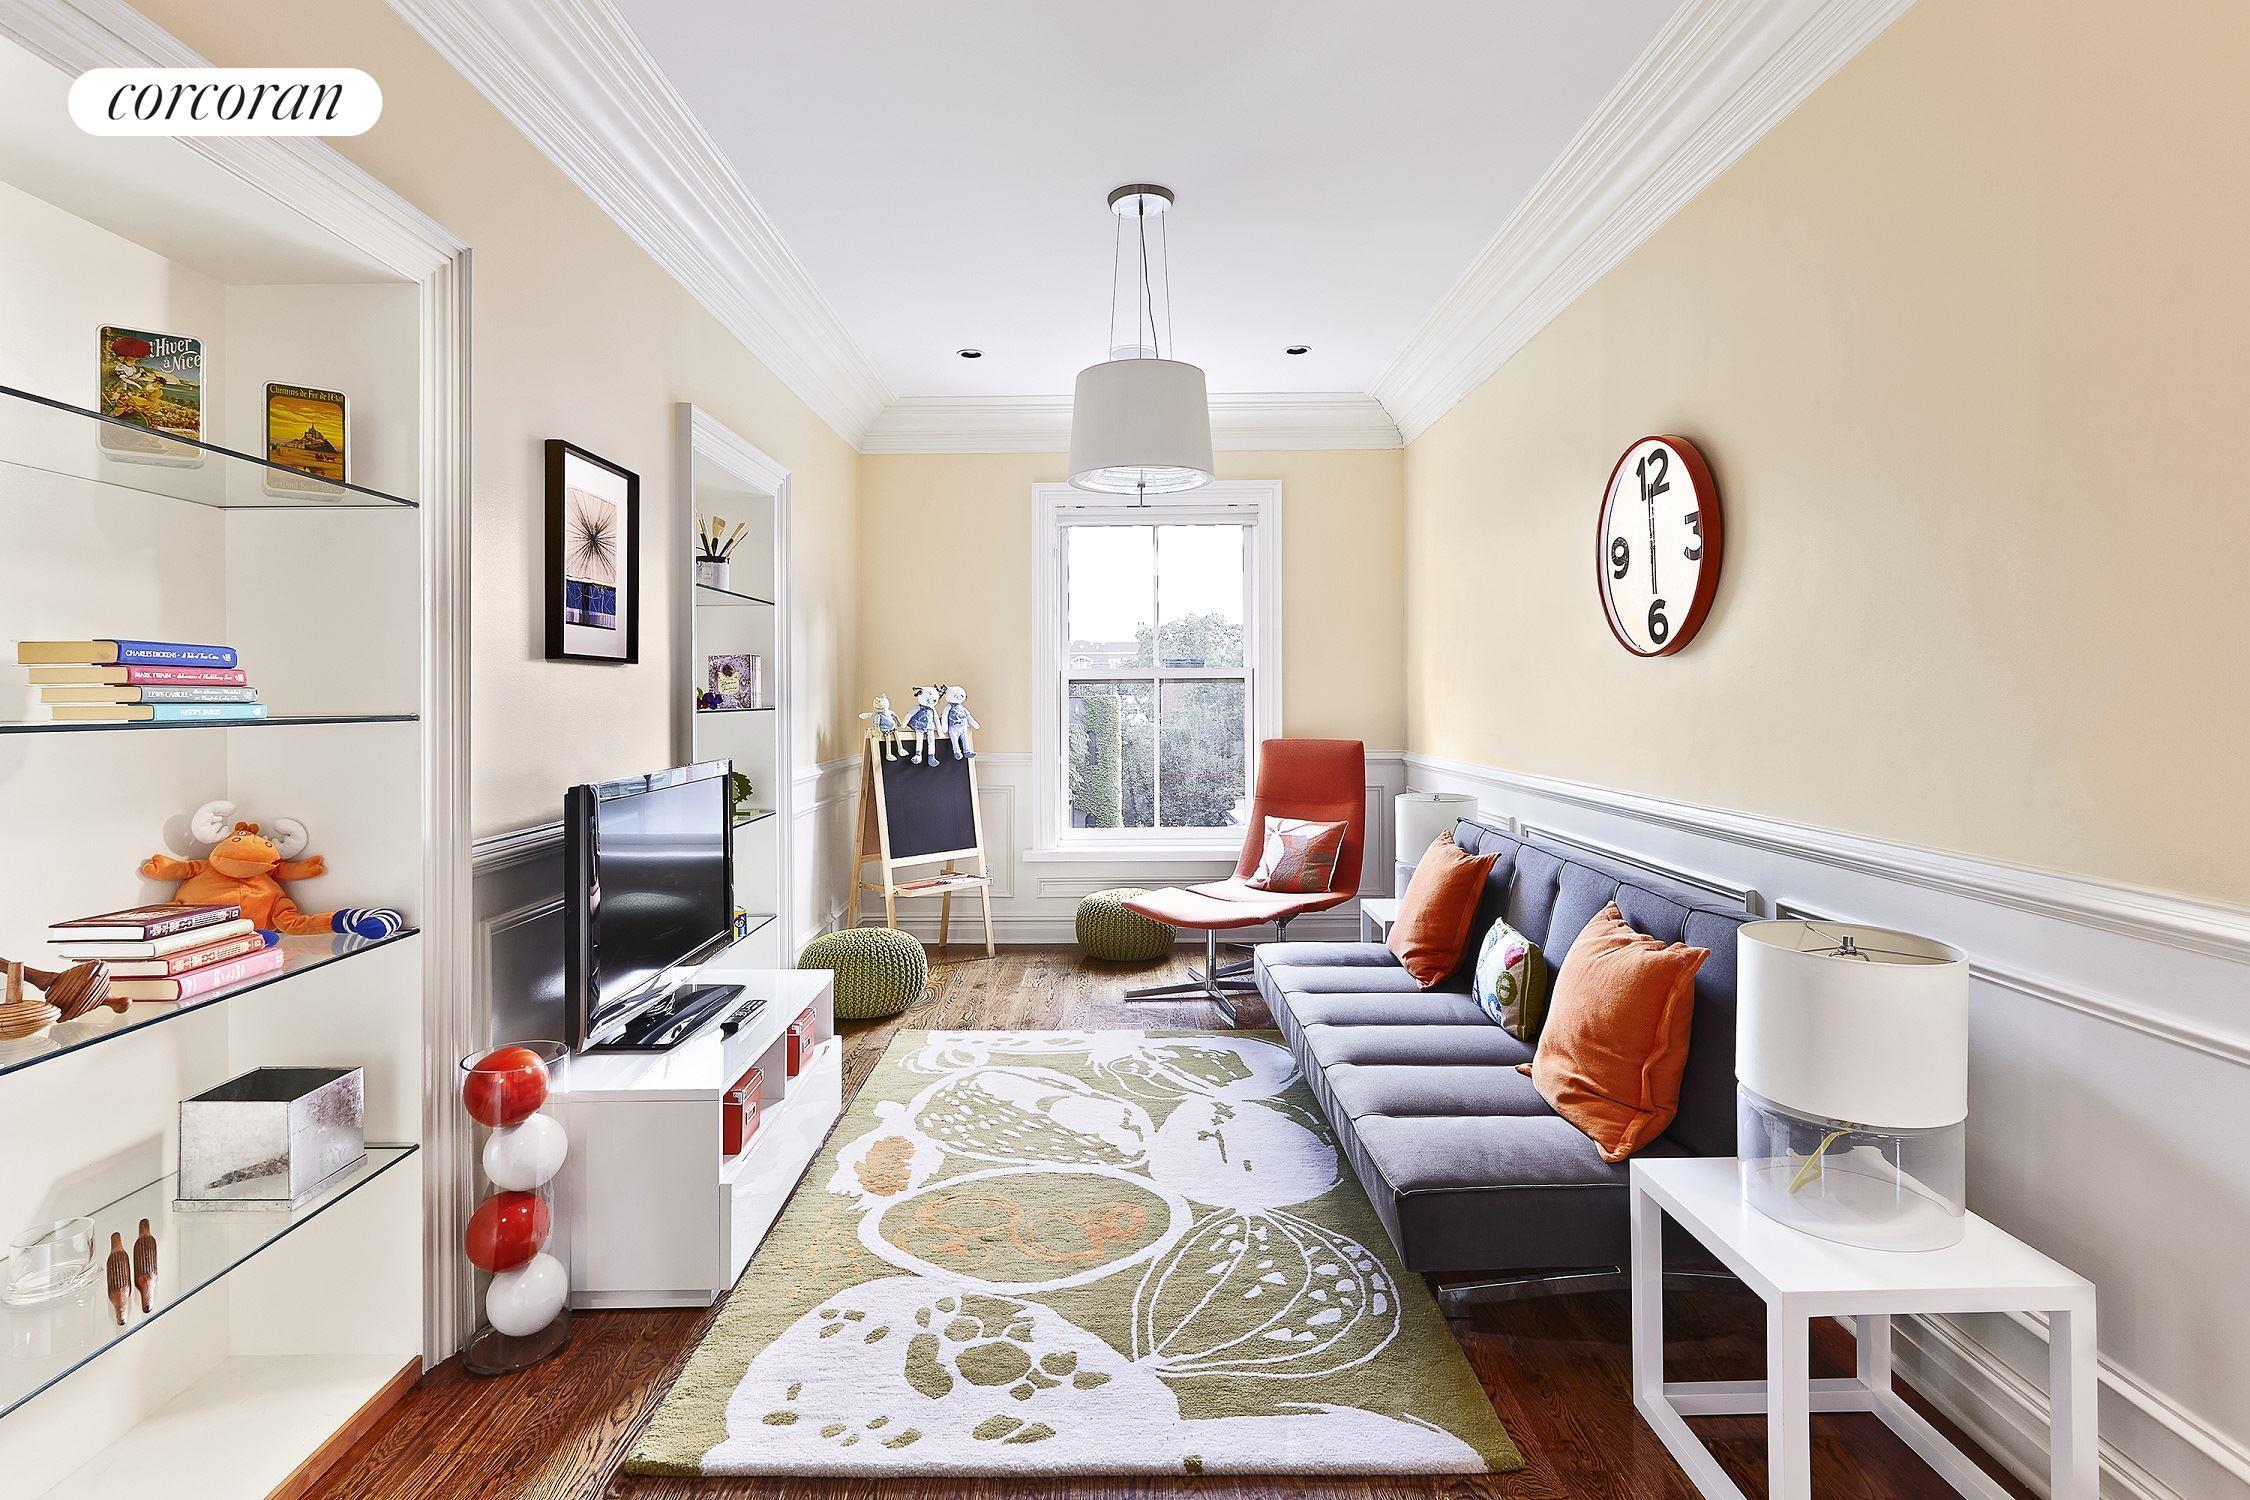 Corcoran, 118 Amity Street, Cobble Hill Rentals, Brooklyn Rentals ...